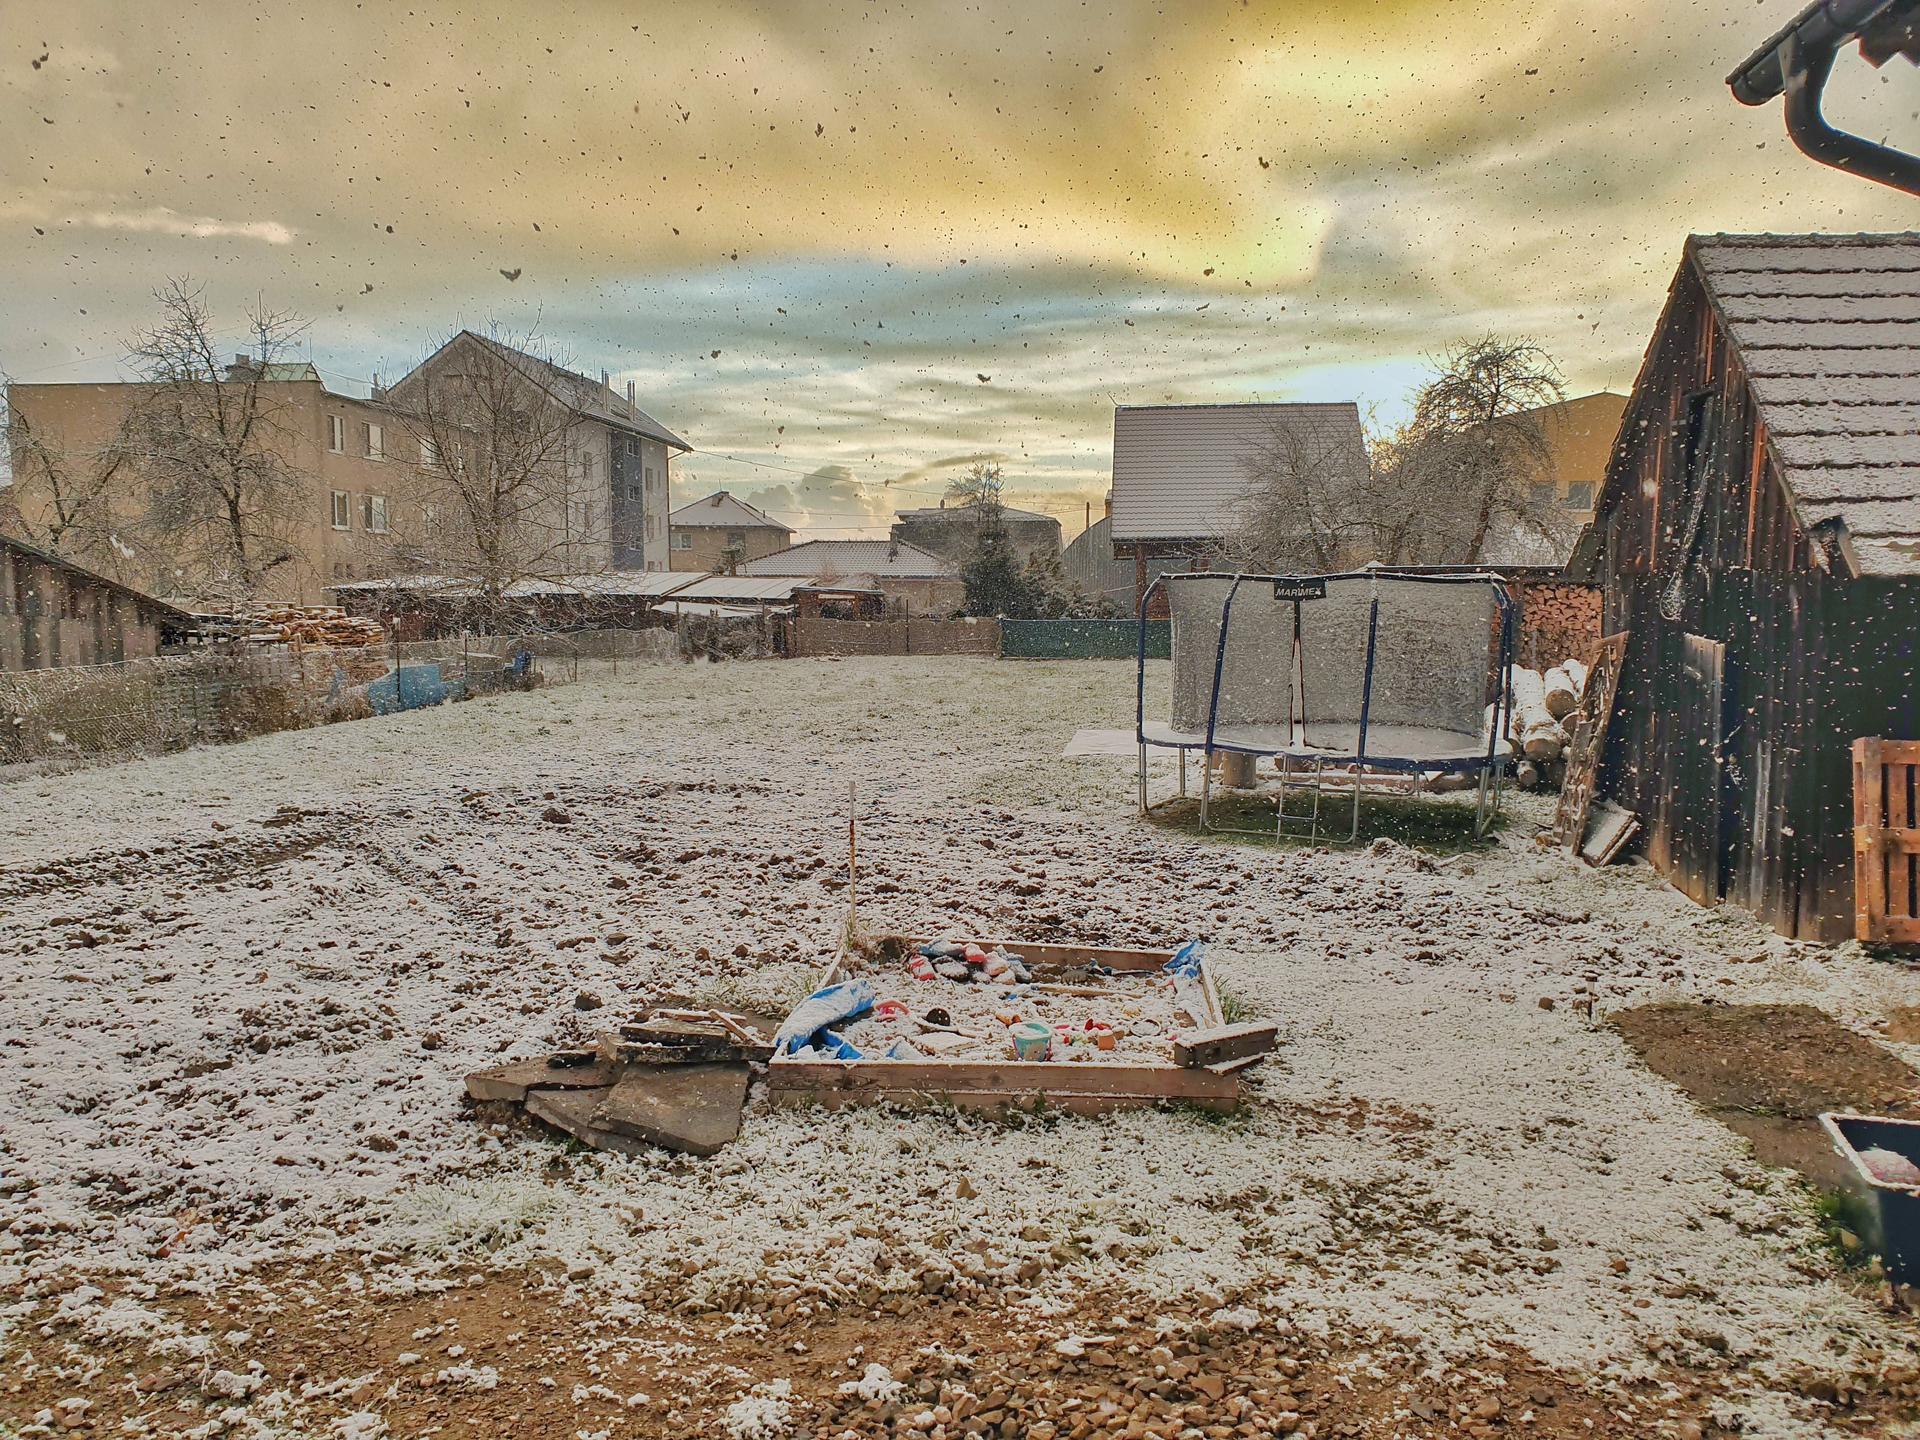 Rekonštrukcia domu-alebo chceme si splniť sen =》🏠🌻🌼🐶  mat domcek a vratit sa na Slovensko - Obrázok č. 630